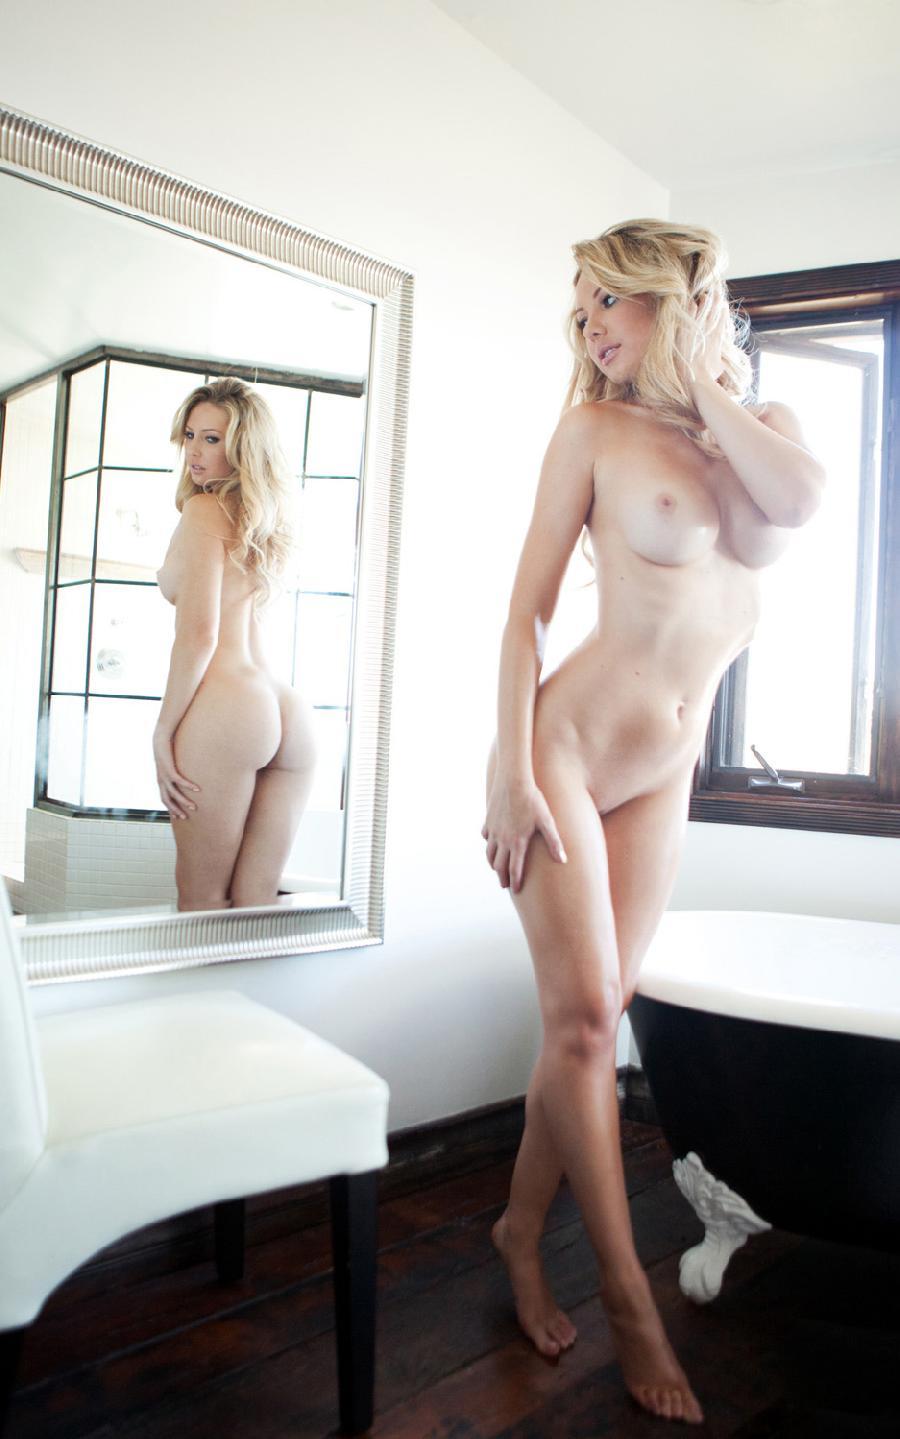 Weekly erotic picdump - 30/2014 - 25